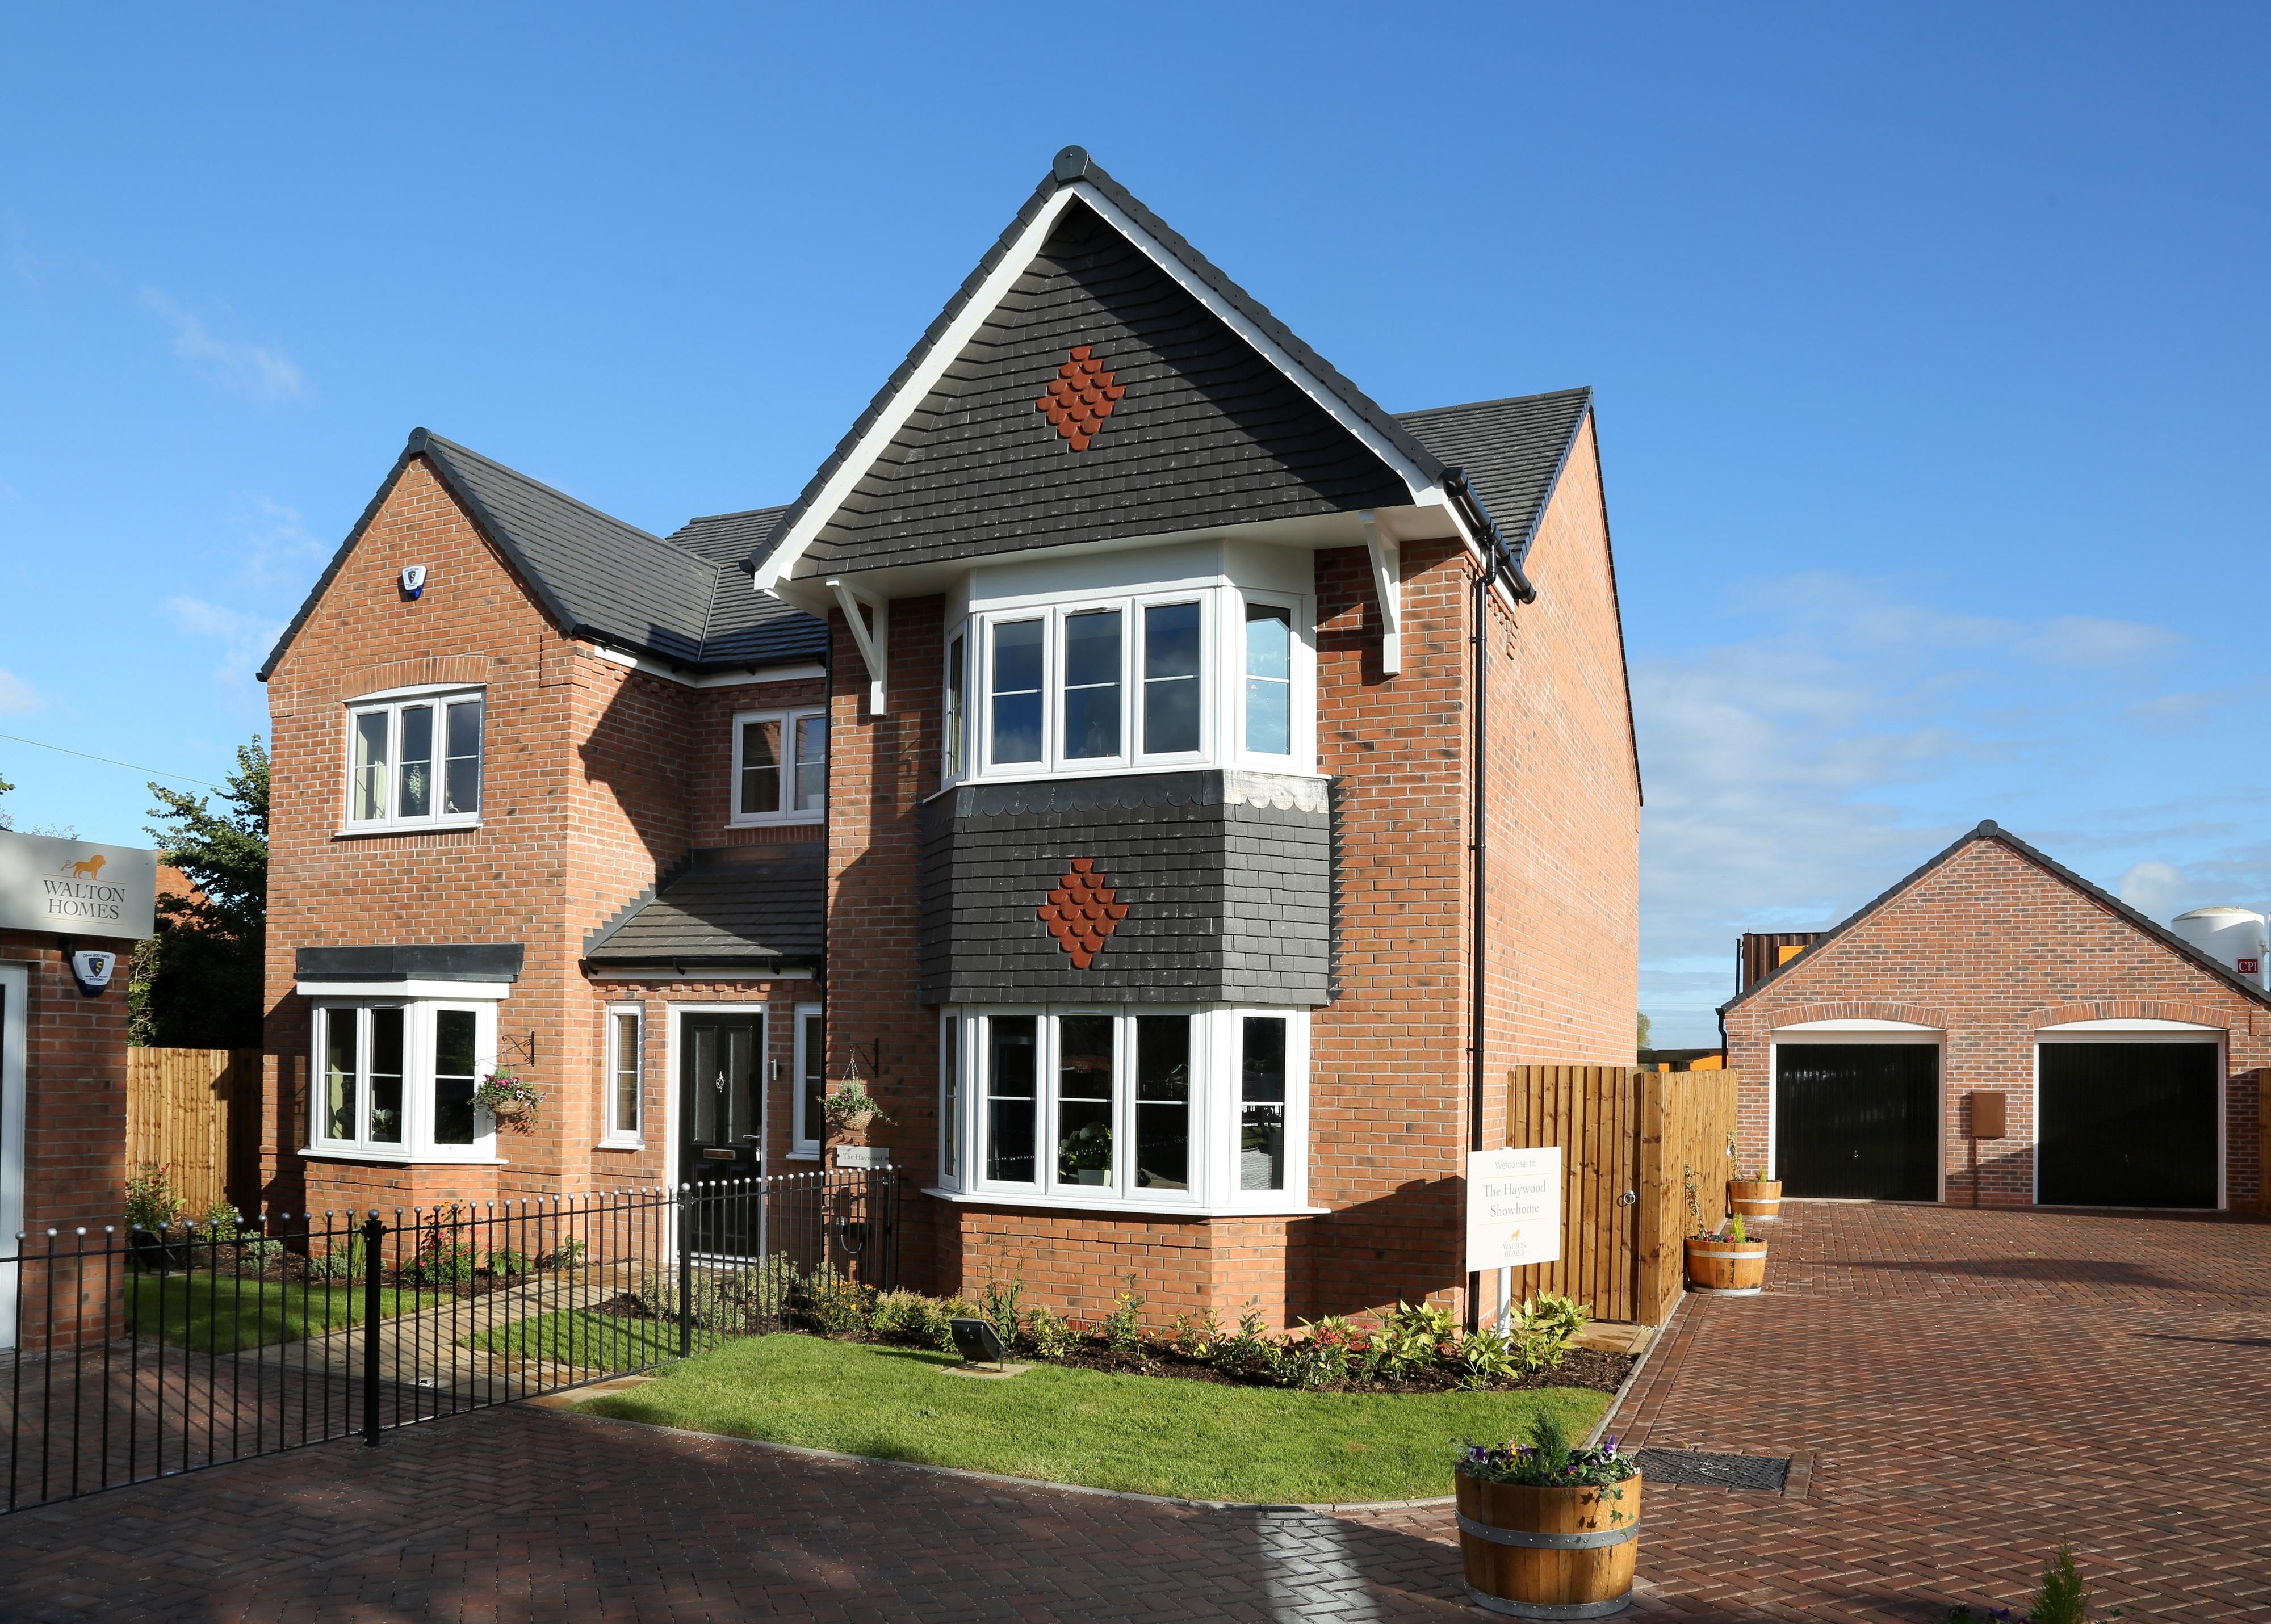 Walton Homes Hails Devereux Grange Development a Huge Success image